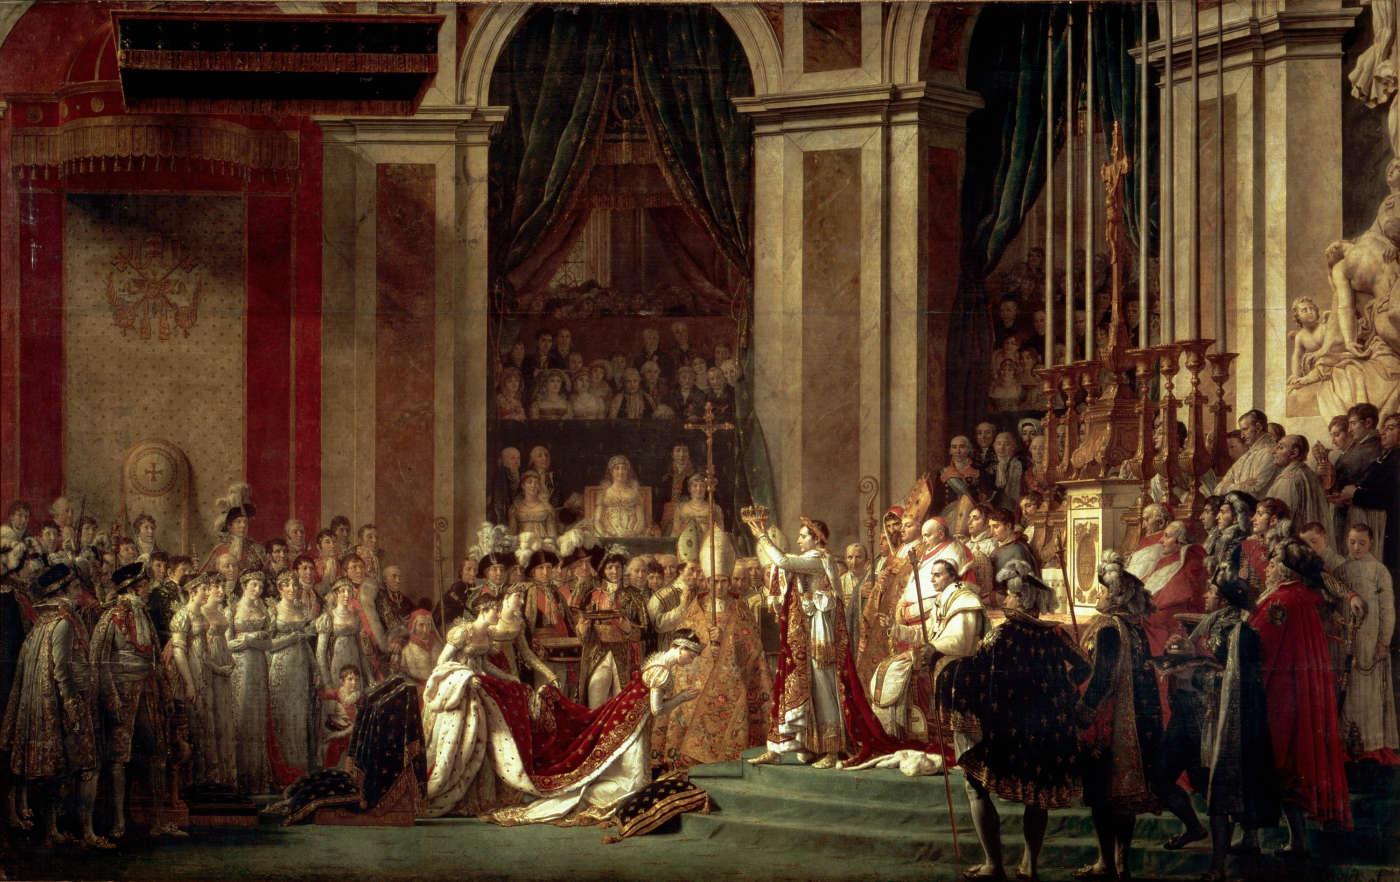 http://arteyartistas.files.wordpress.com/2008/08/la-coronacion-de-napoleon-y-josefina-1804.jpg